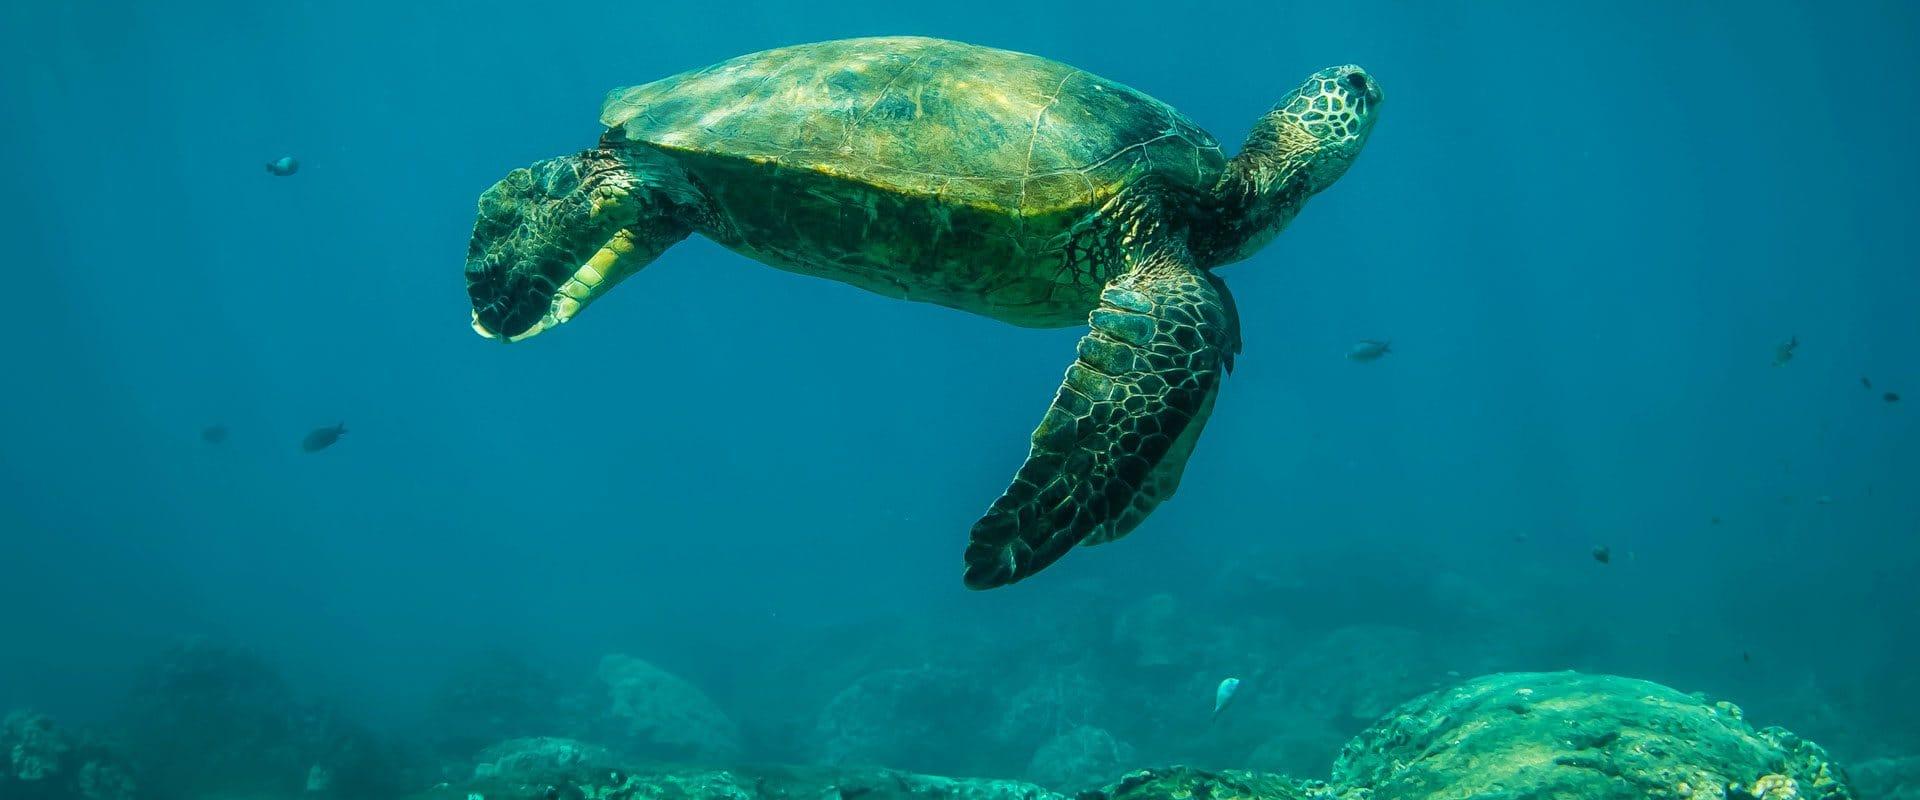 Beauty of sea turtles underwater